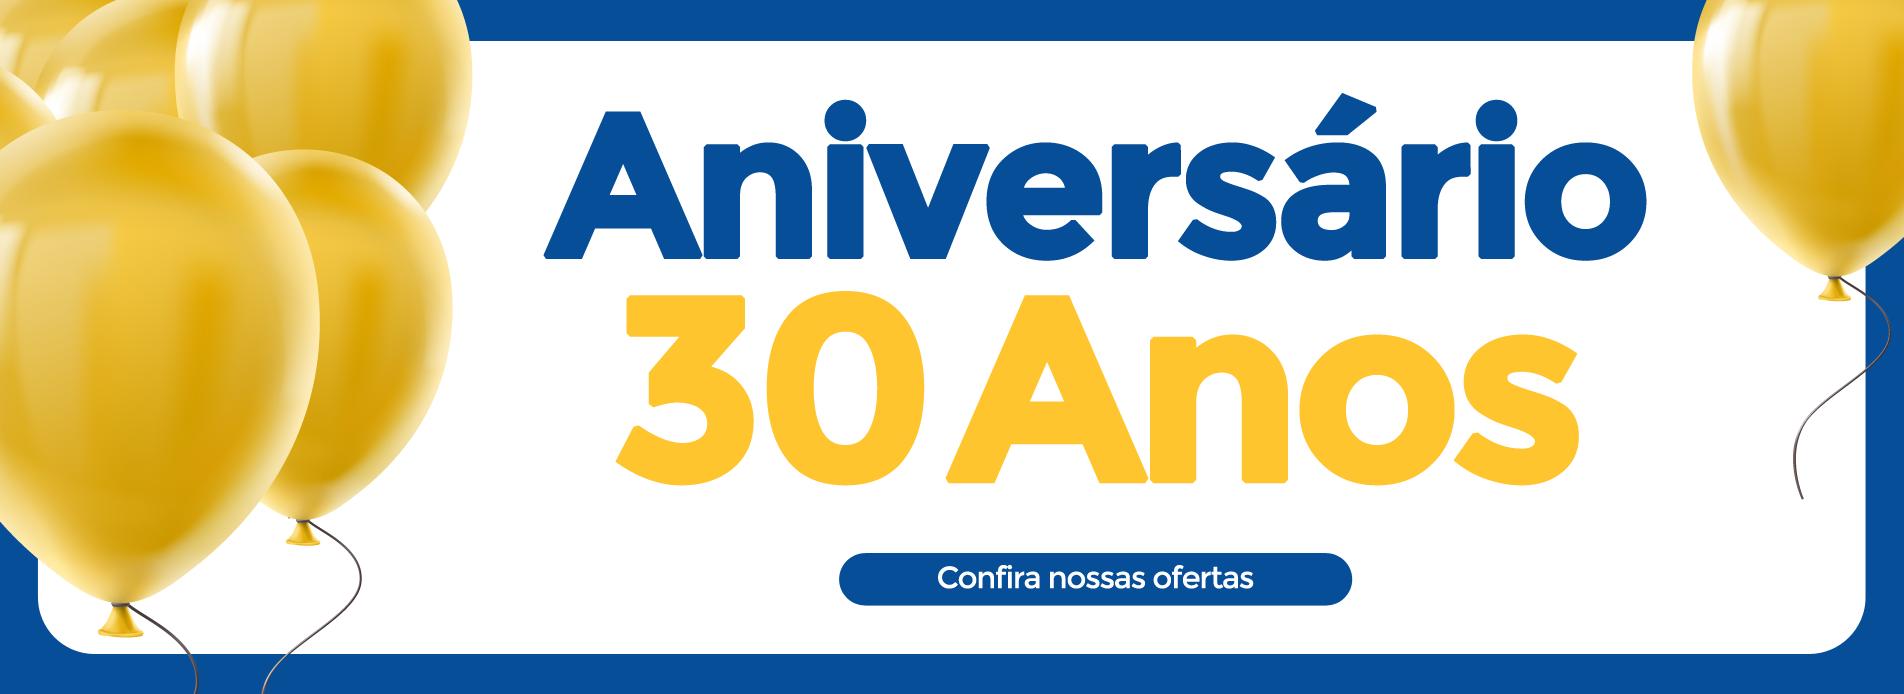 banner 30 anos